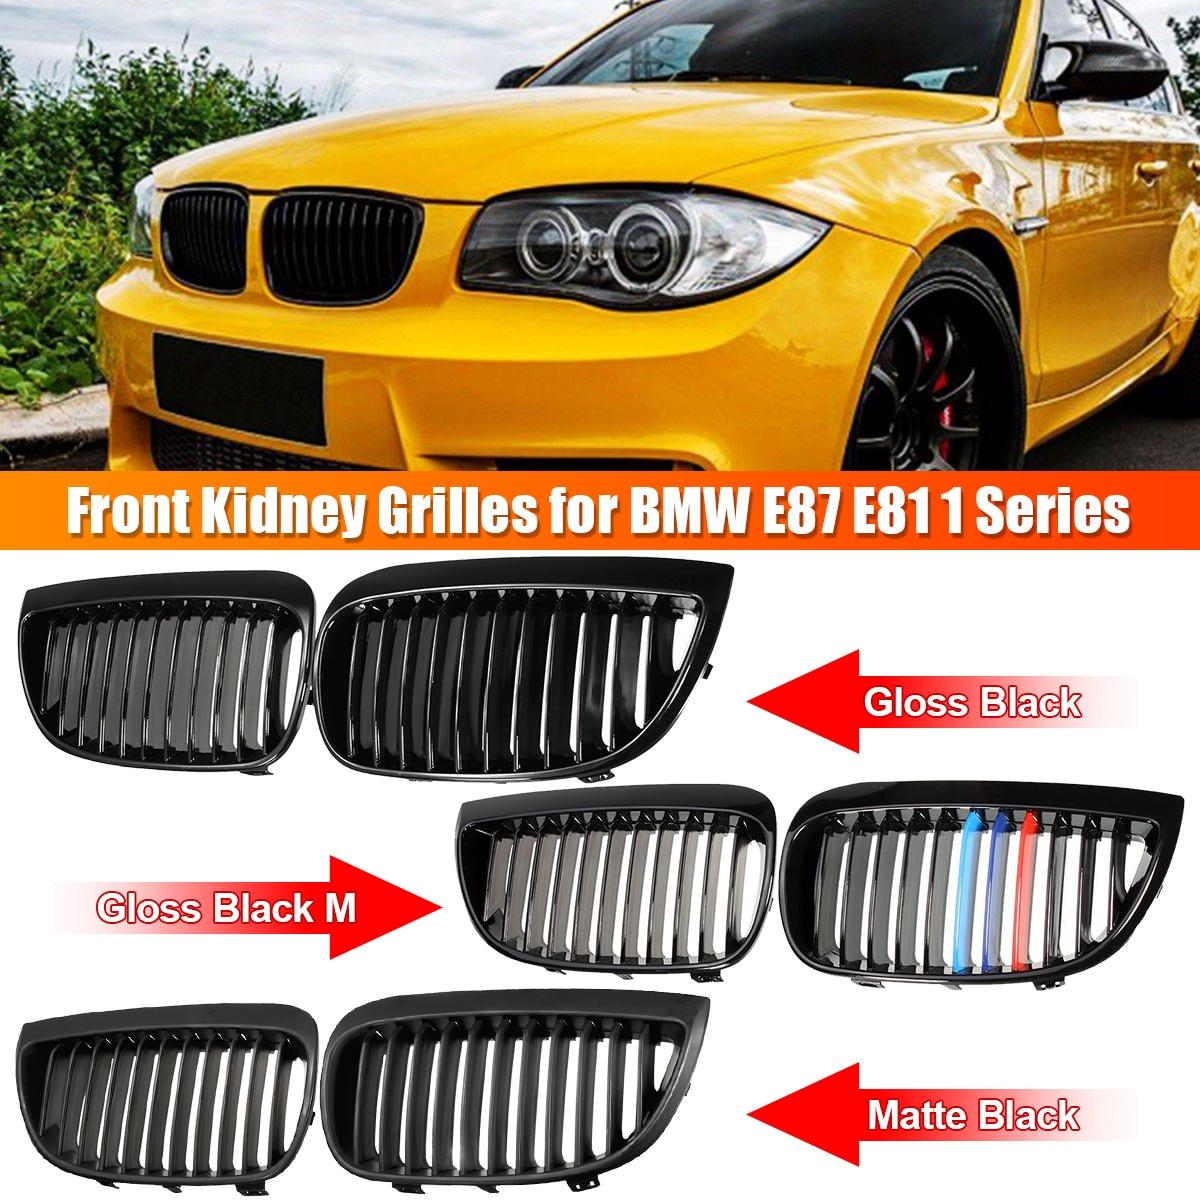 /2011/opaco nero sport Rene griglia anteriore griglie/ E81/E82/E87/E88/LCI 2008/ /Coppia